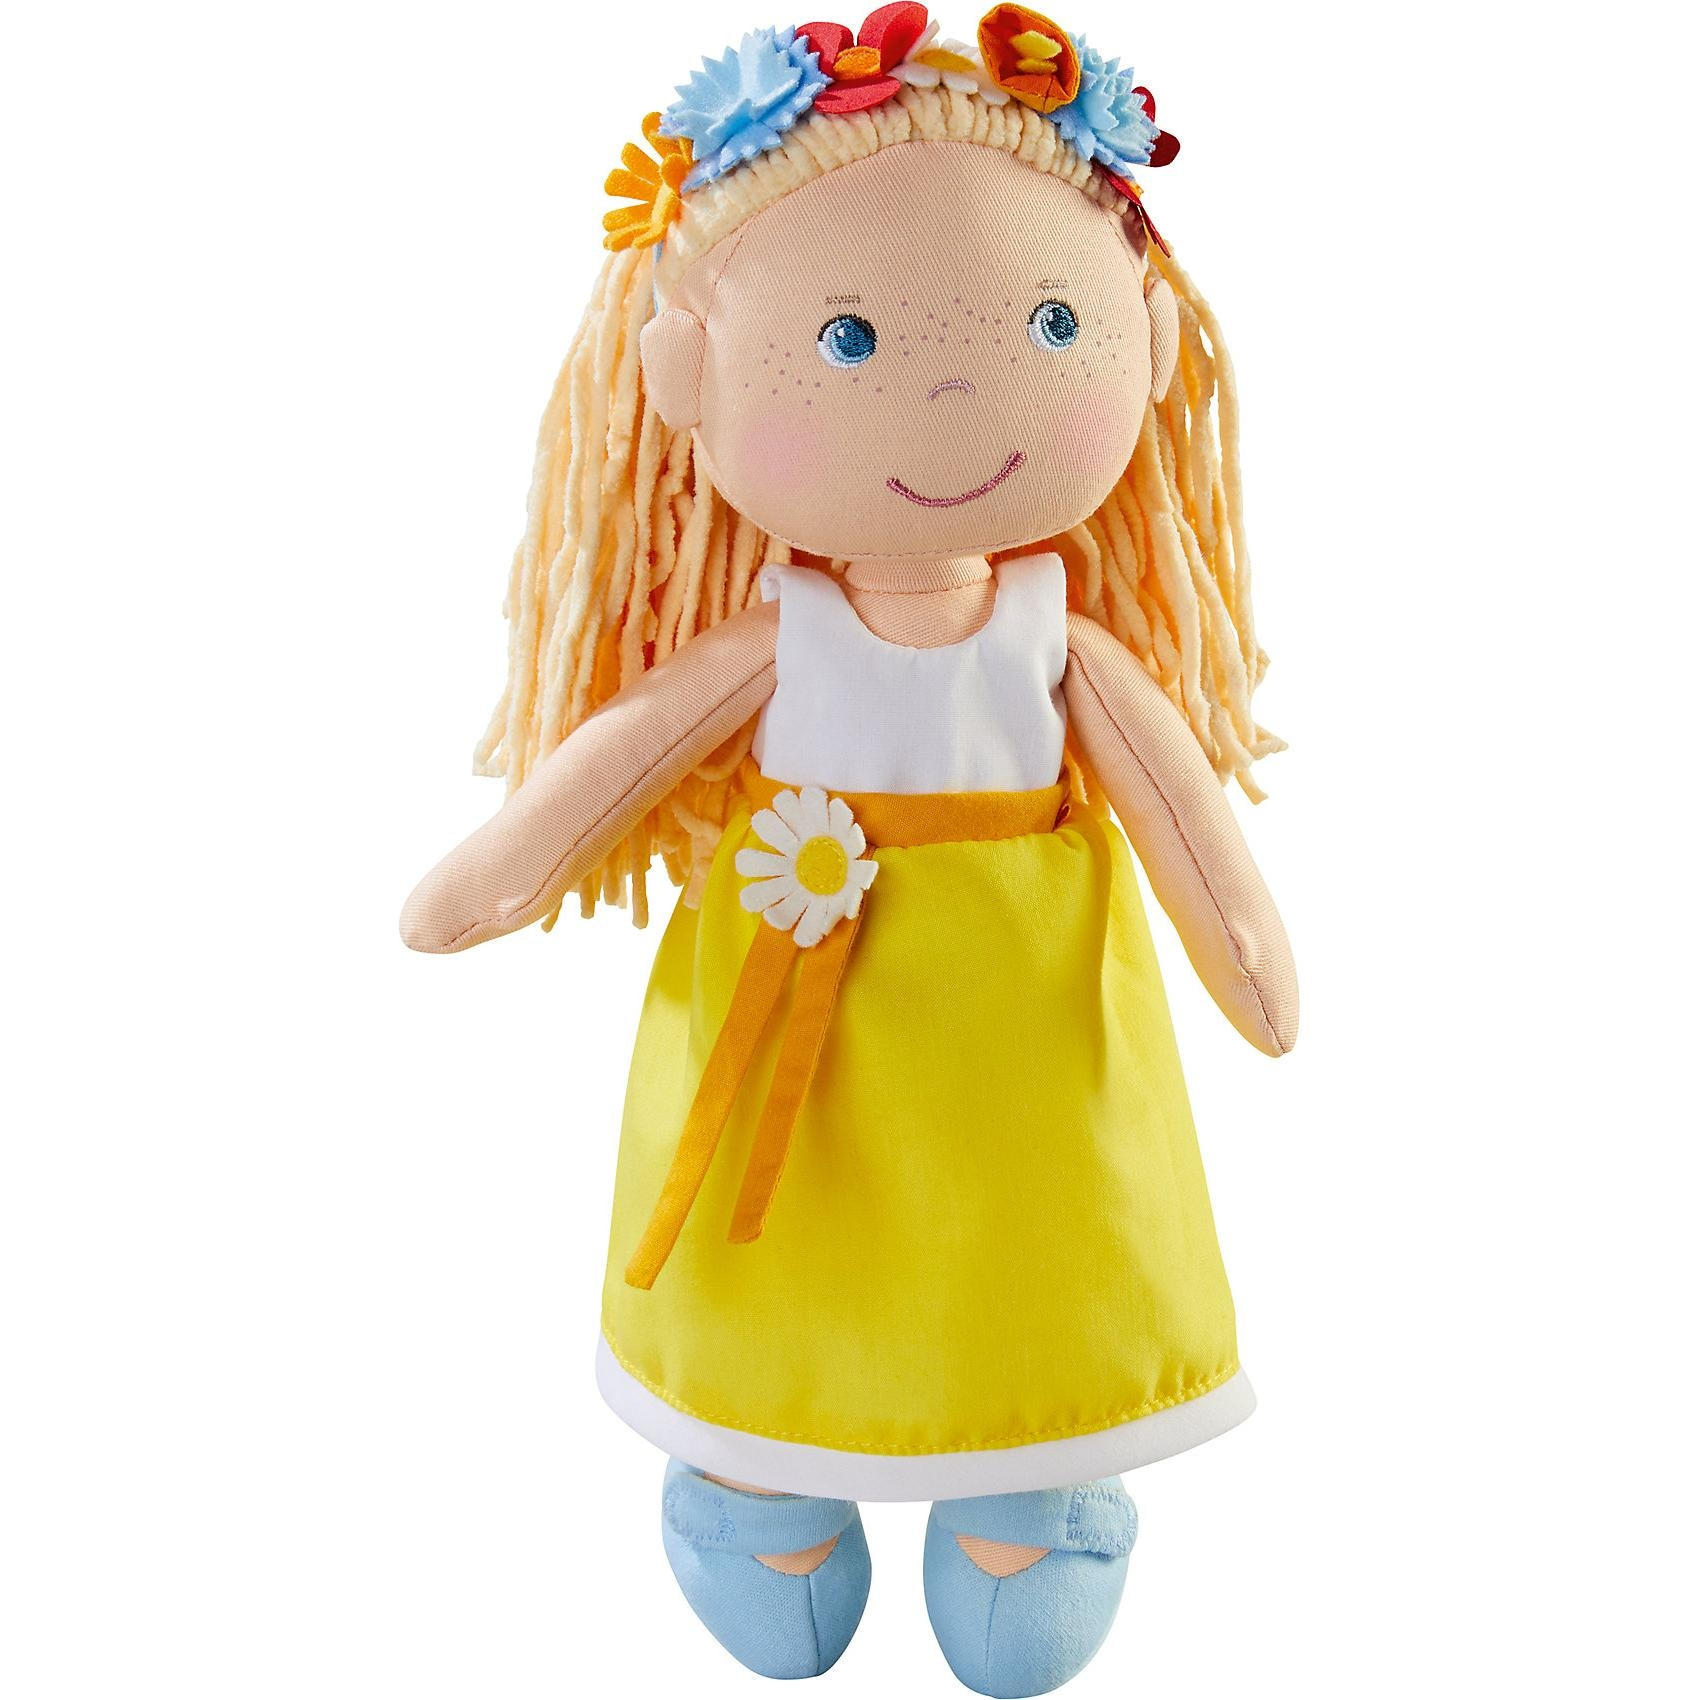 bambole onlineRewe di Ordina bambole Ordina di onlineRewe Ordina pezza pezza bambole iTOkZPXu